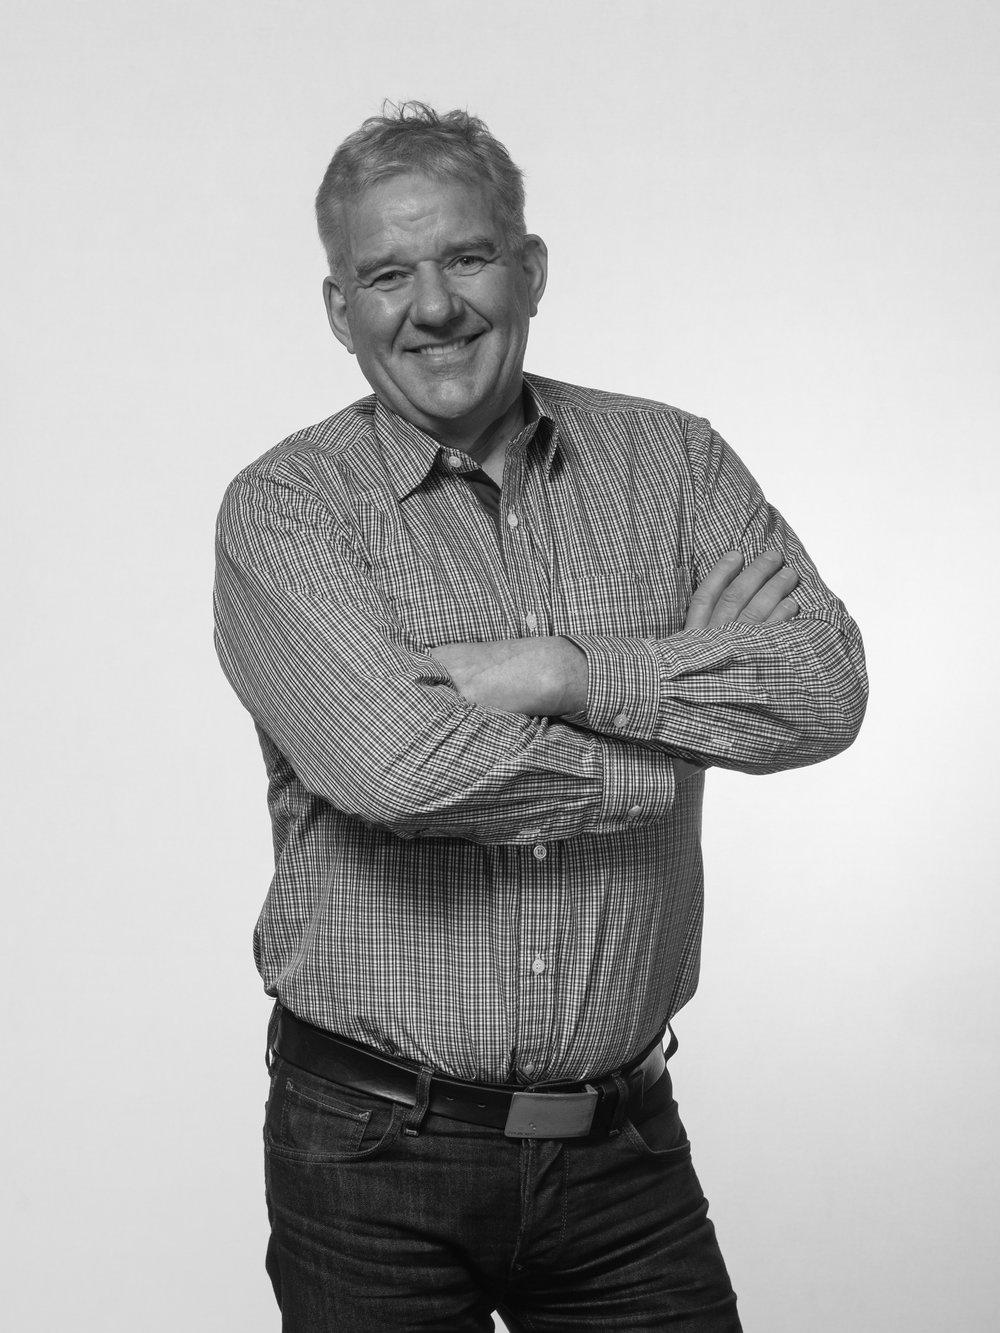 Mikael Jonsson - Service engineer/Team leader+46 76 115 20 93mikael.jonsson@ecpairtech.se